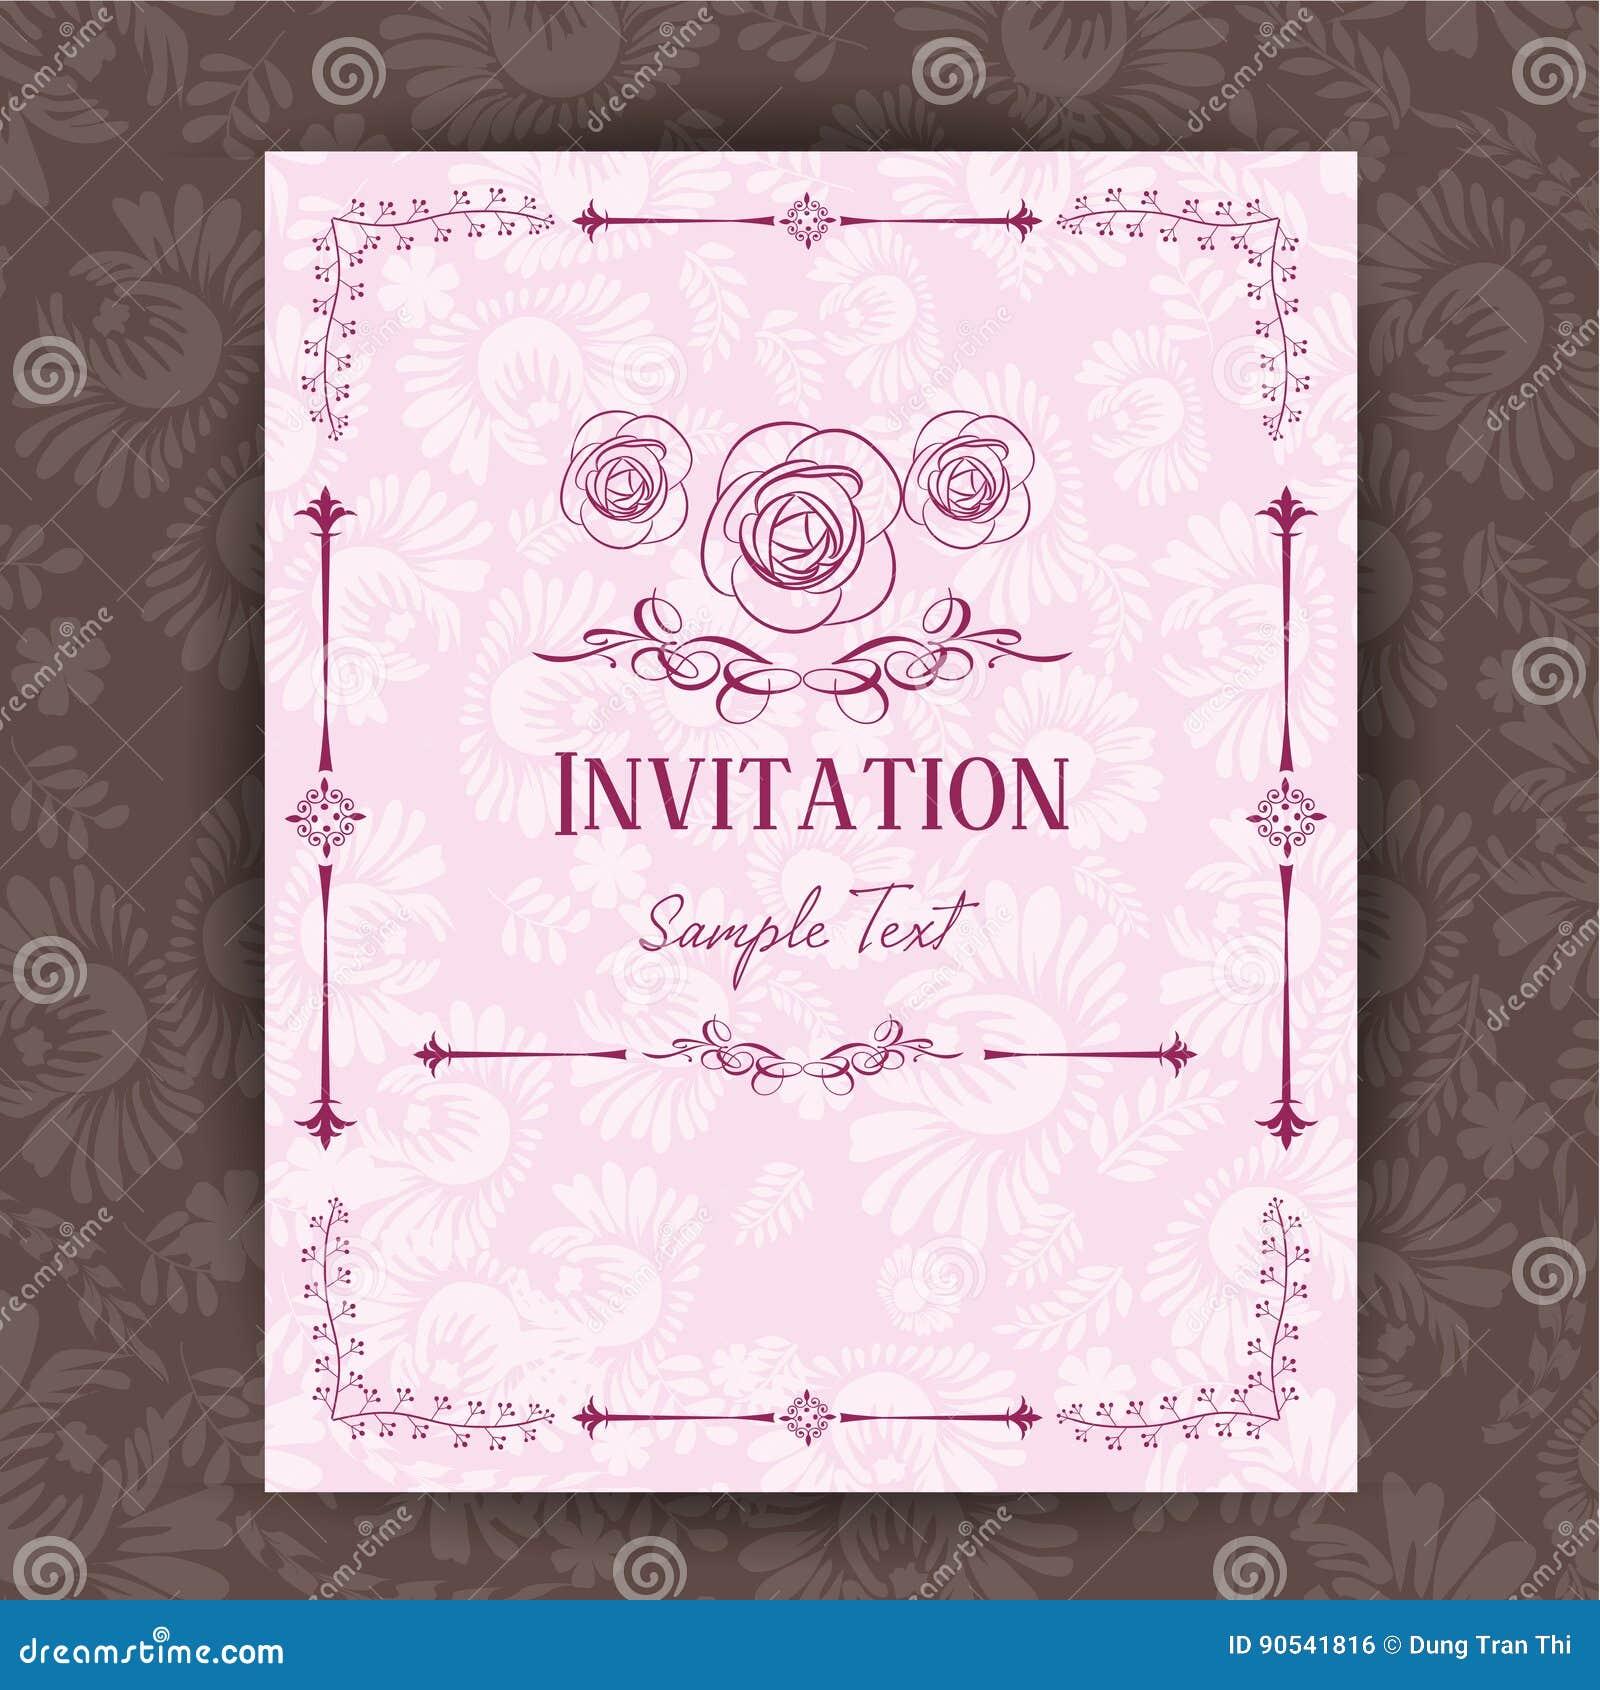 Invitation Card Vector Illustration Stock Vector